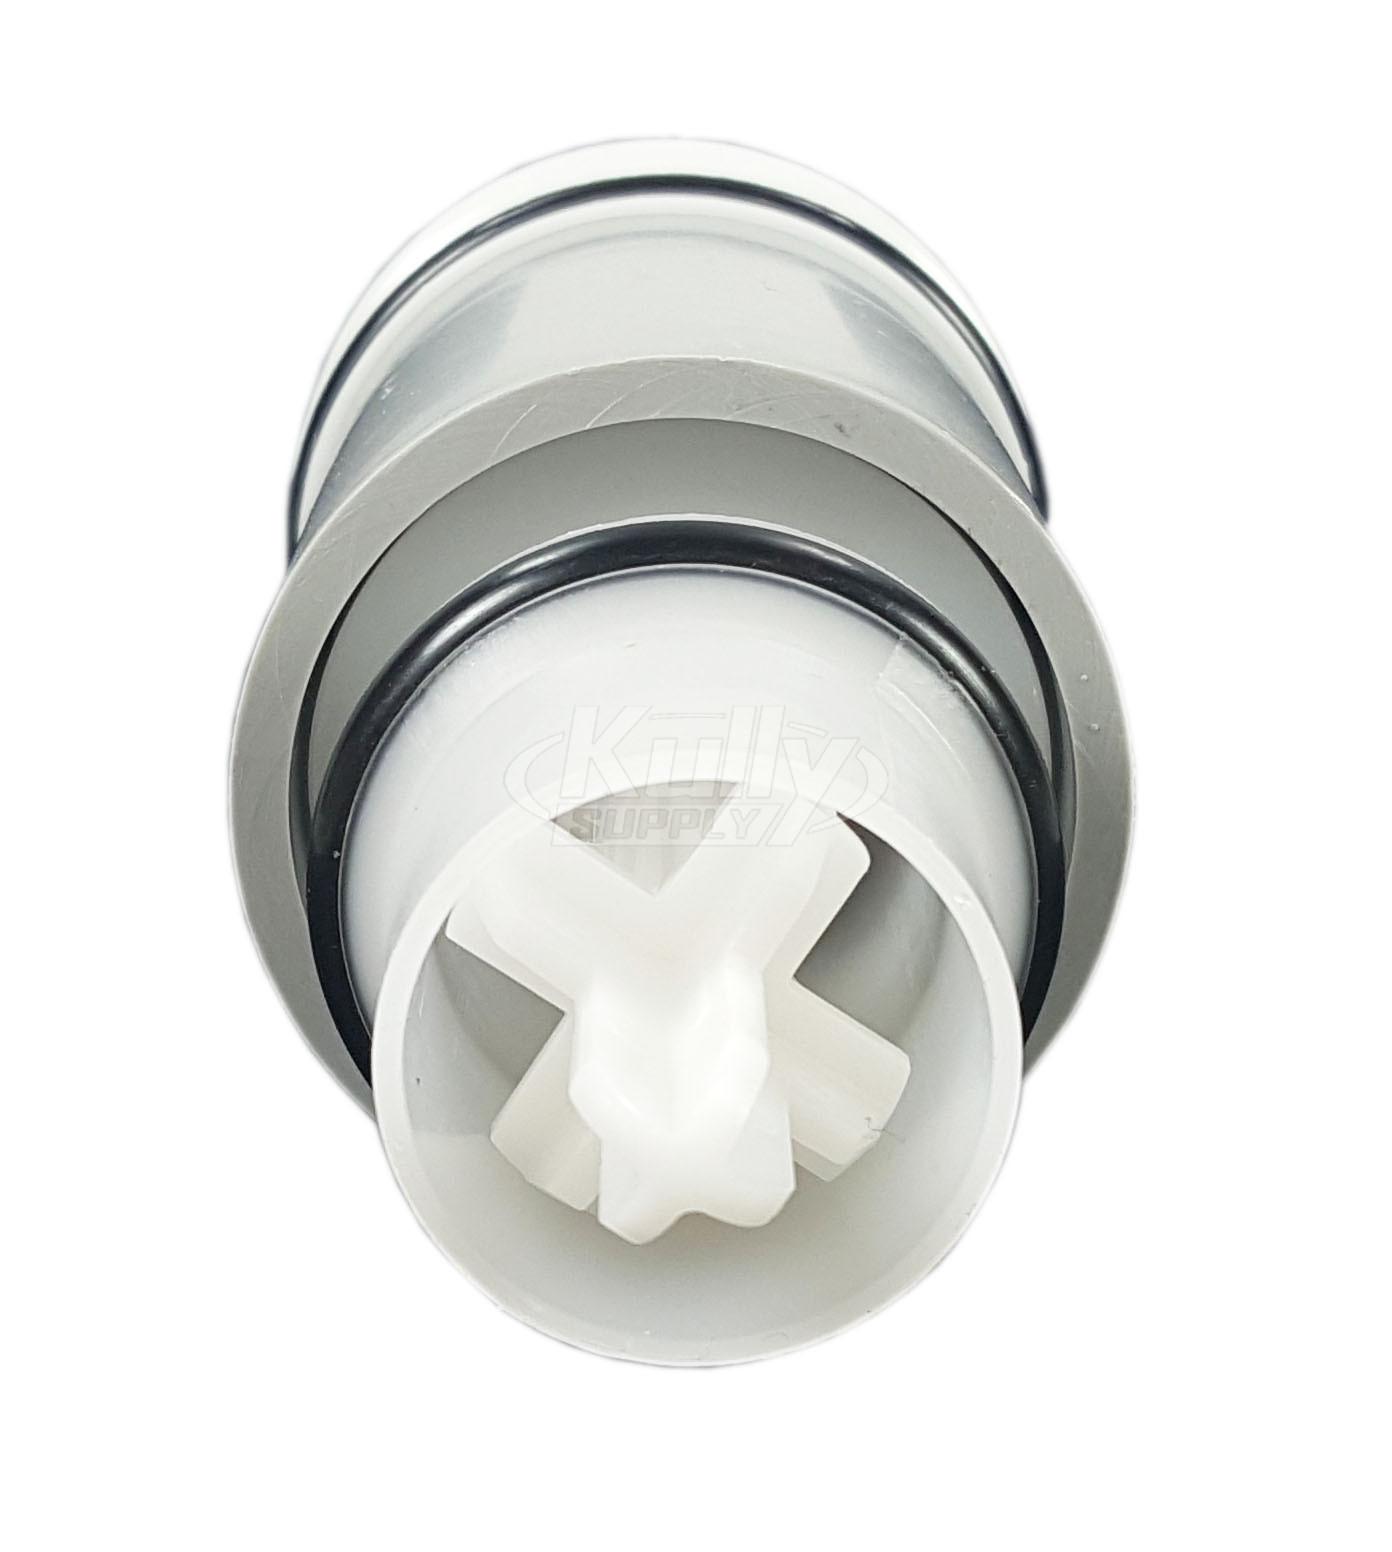 Flushmate C-100502-K Flush Cartridge for Kohler K-3597 ...